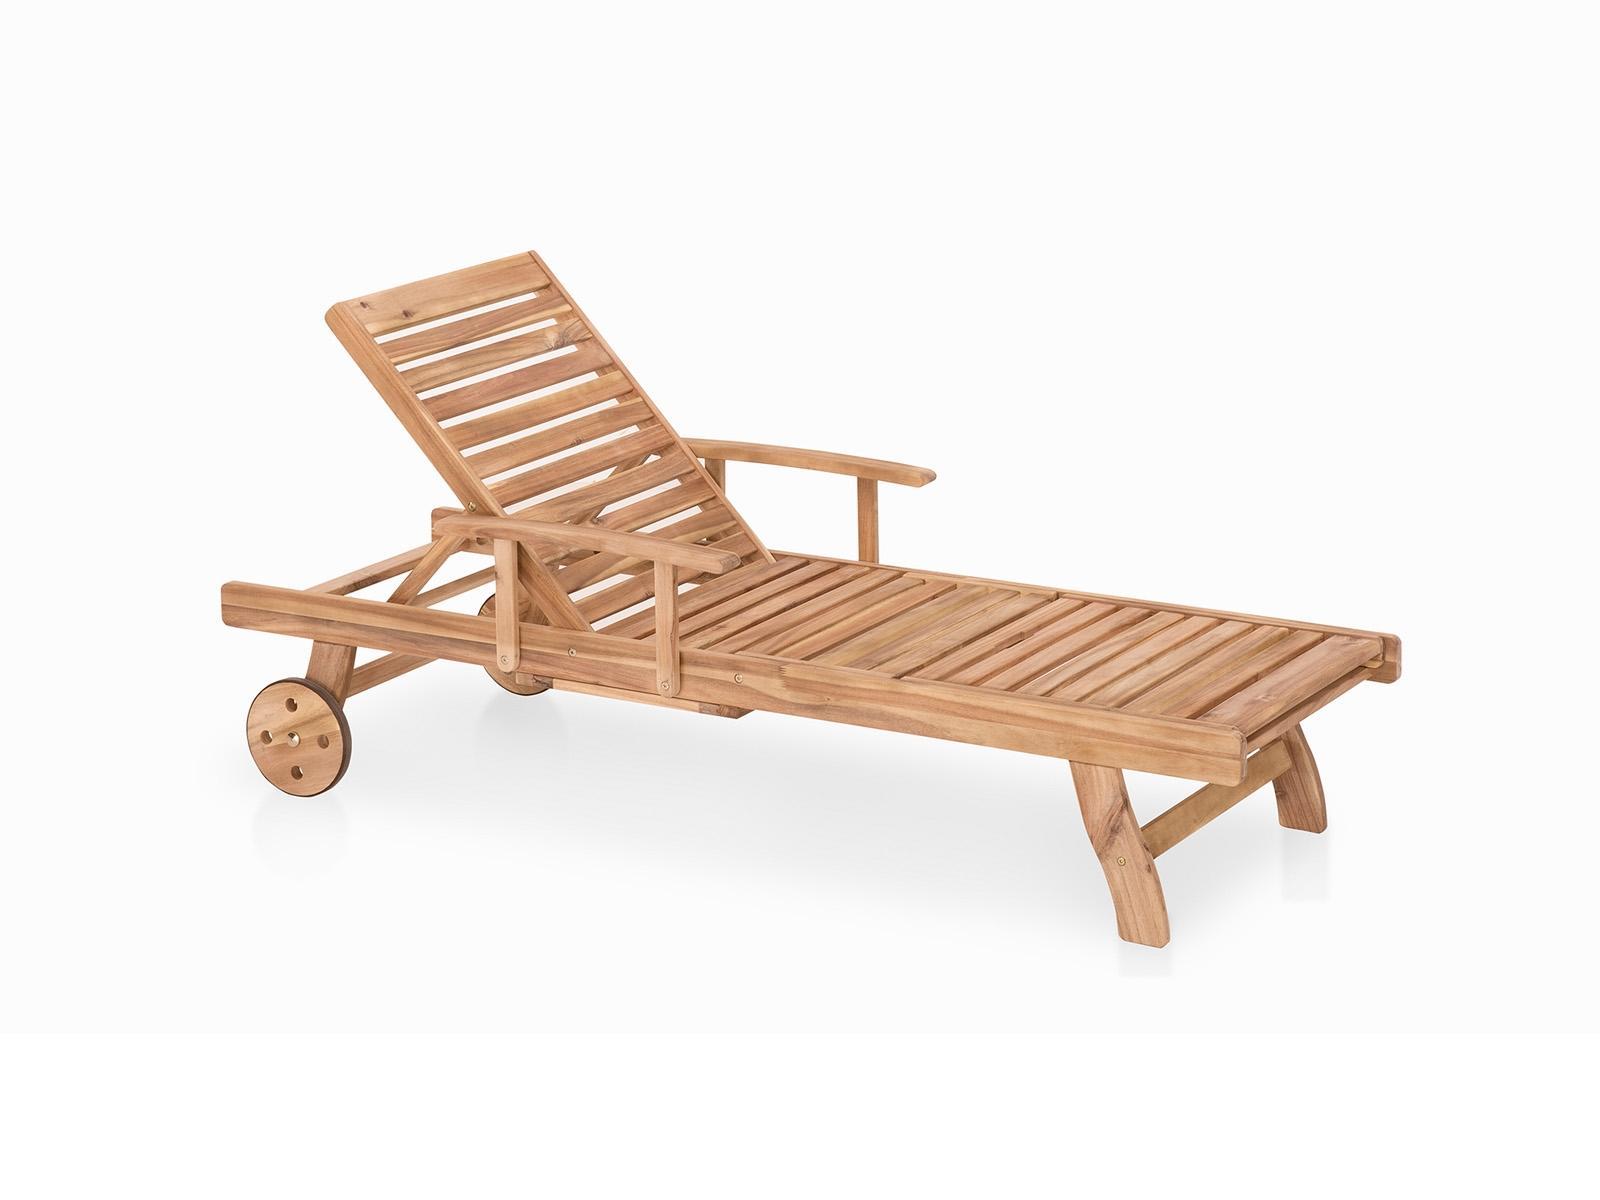 Meubles en bois teck chaise longue de jardin for Des chaises longues